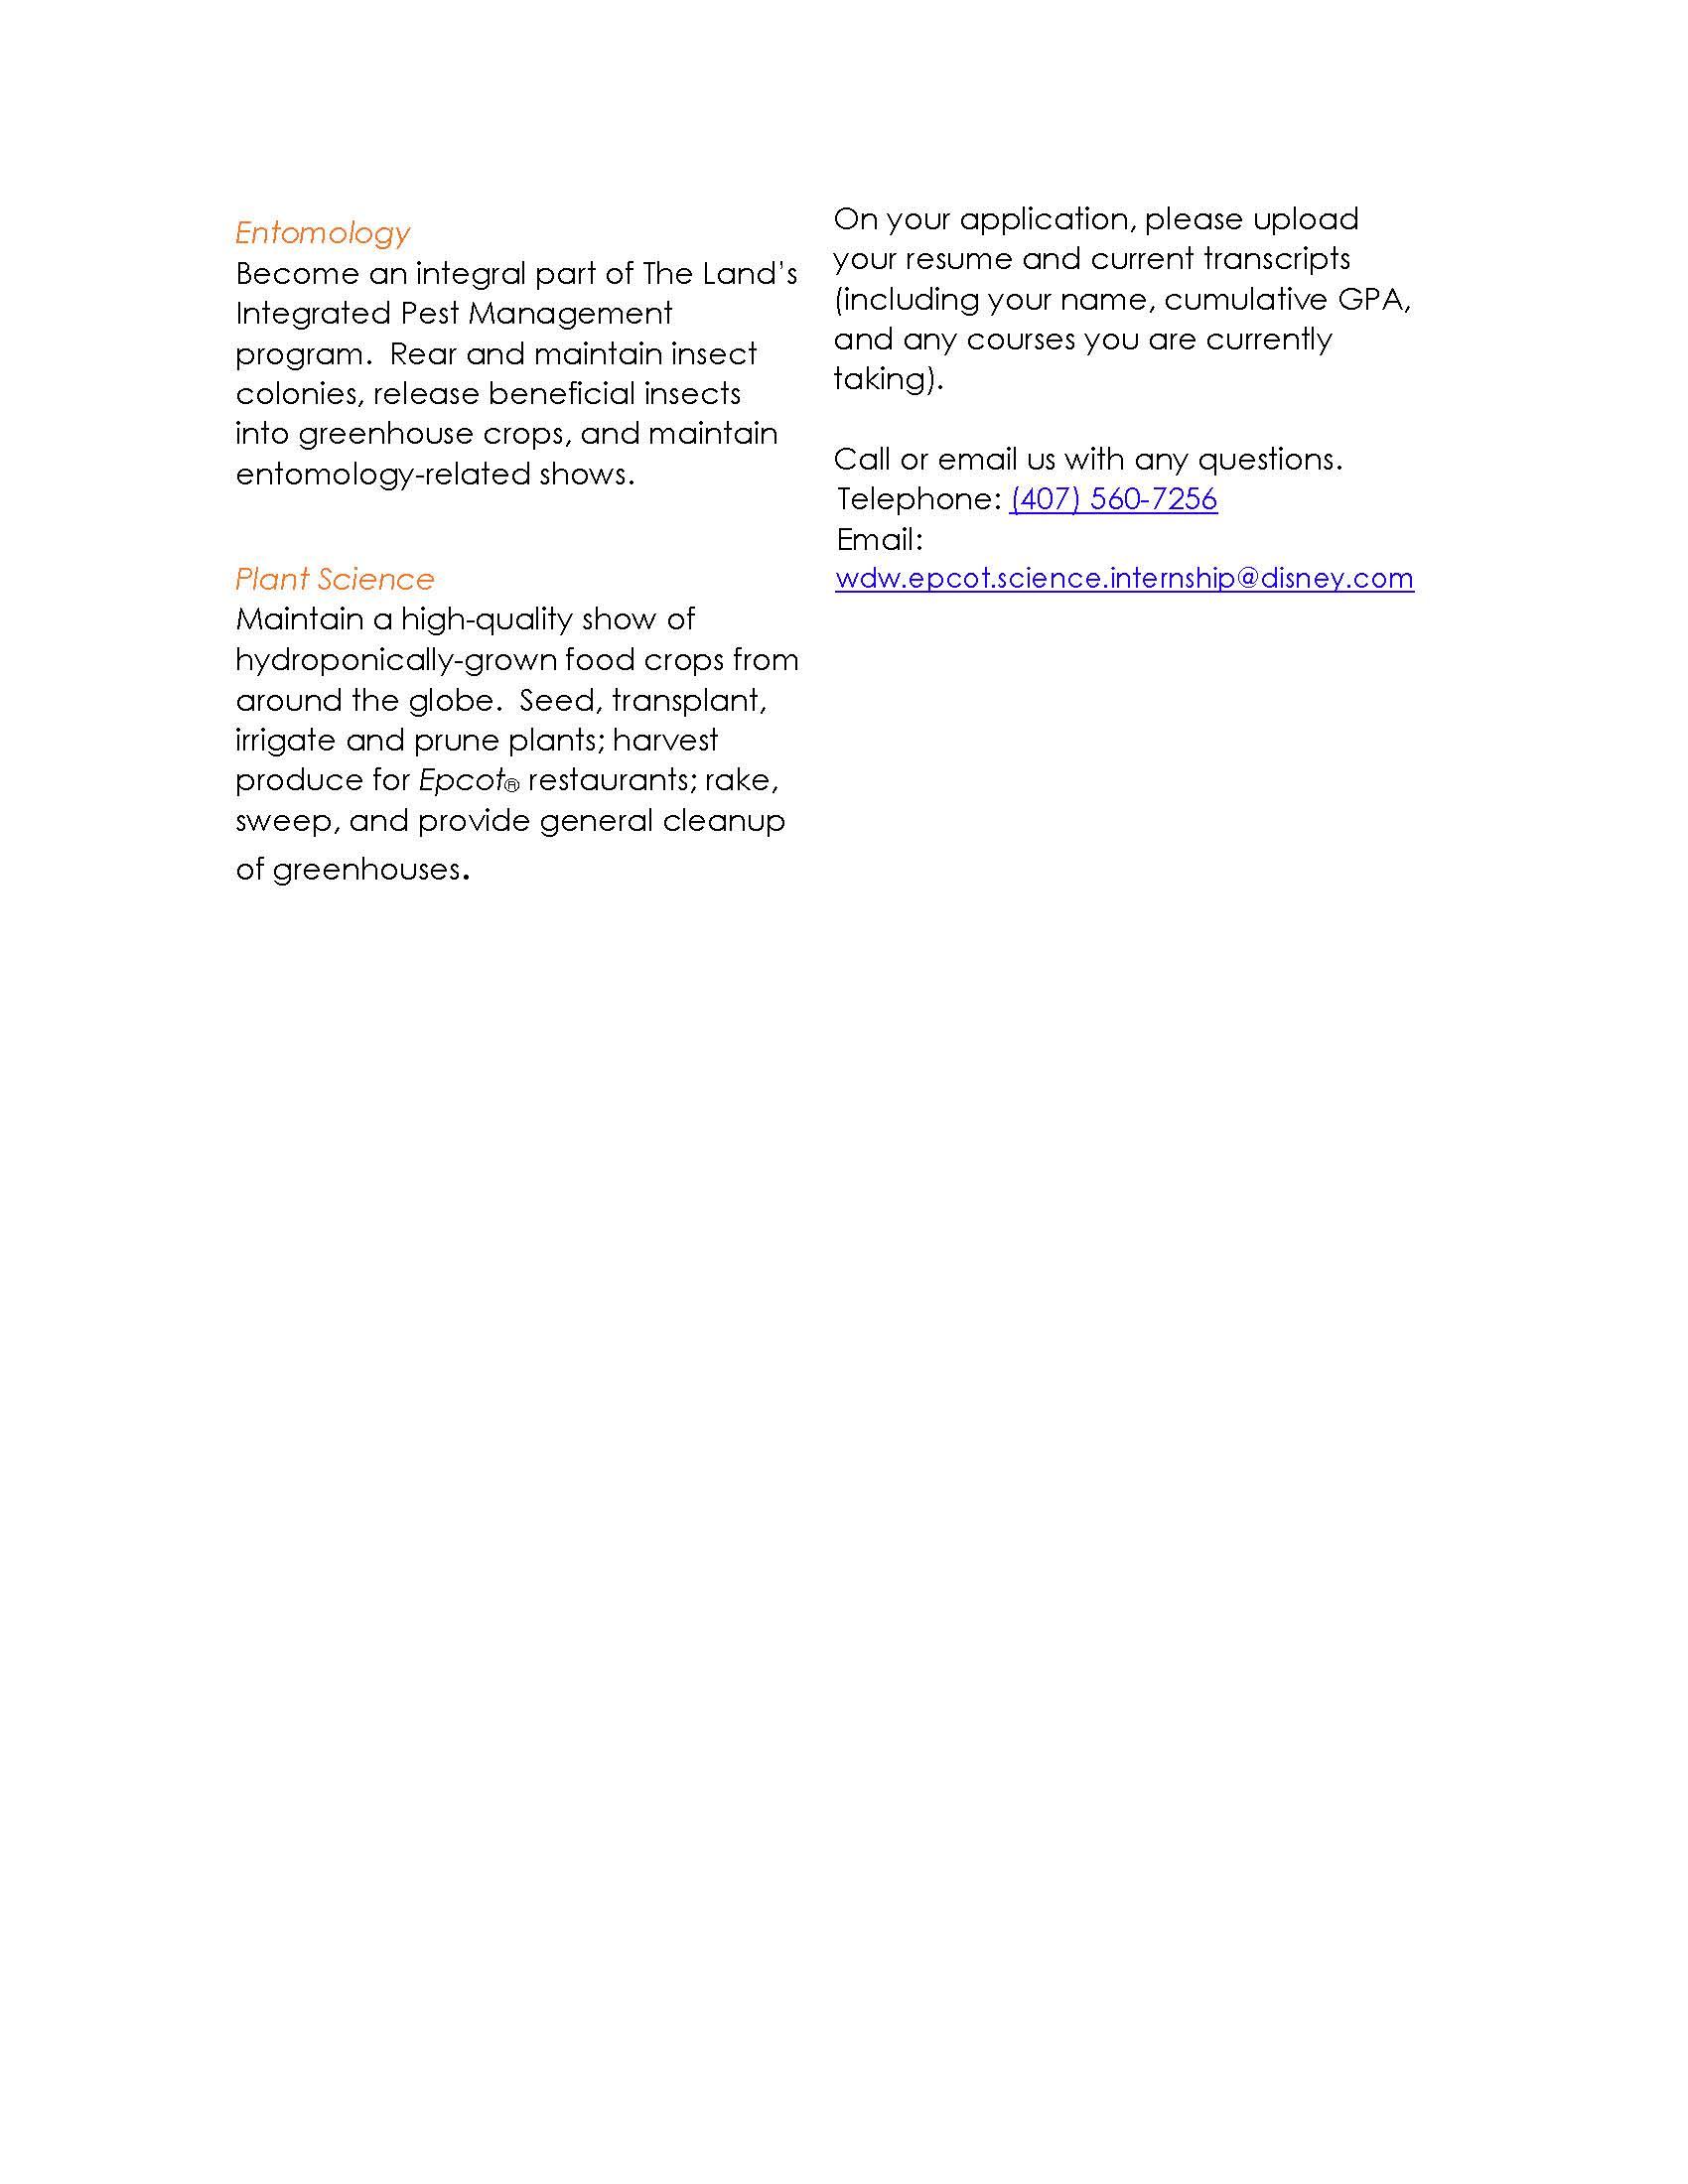 Disney Internship AS&E_Page_2